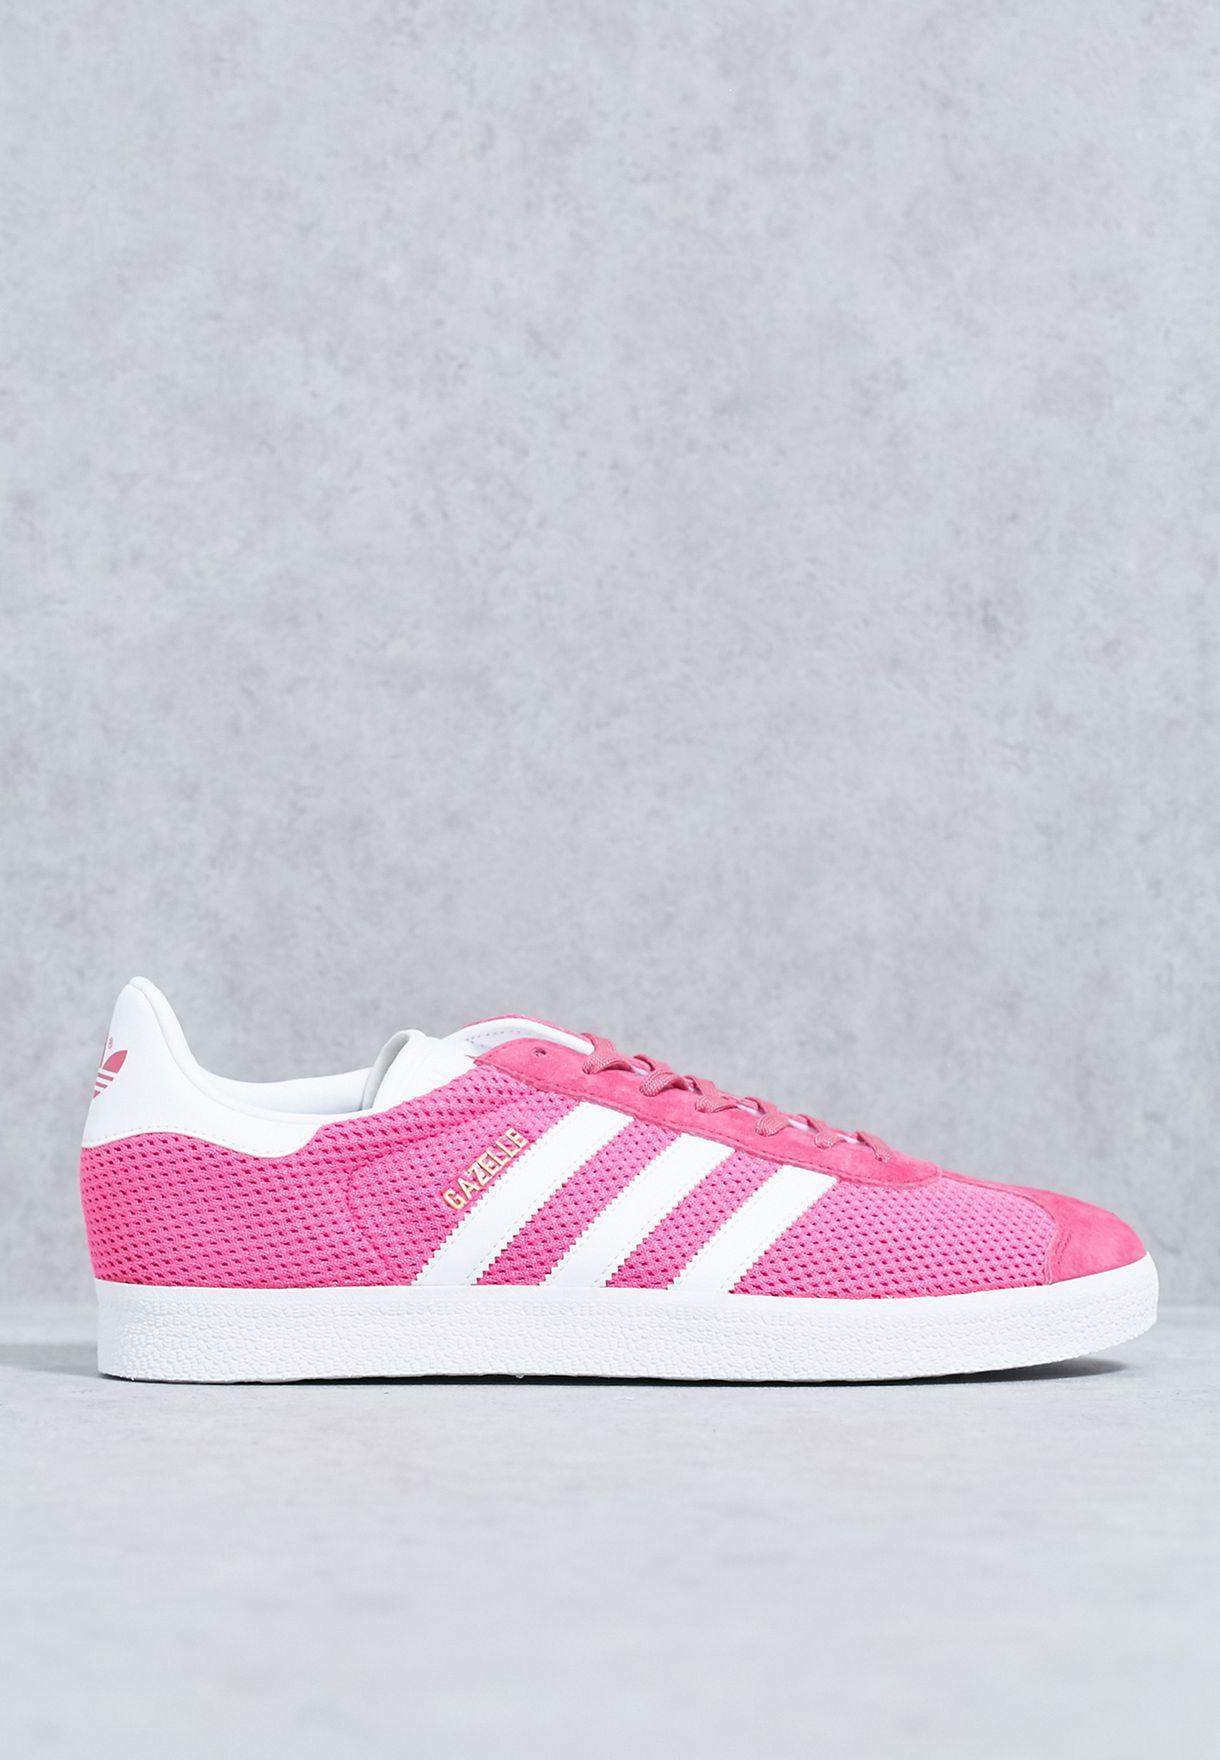 Adidas Sneakers Women Gazelle Bb2759 Pink | eBay